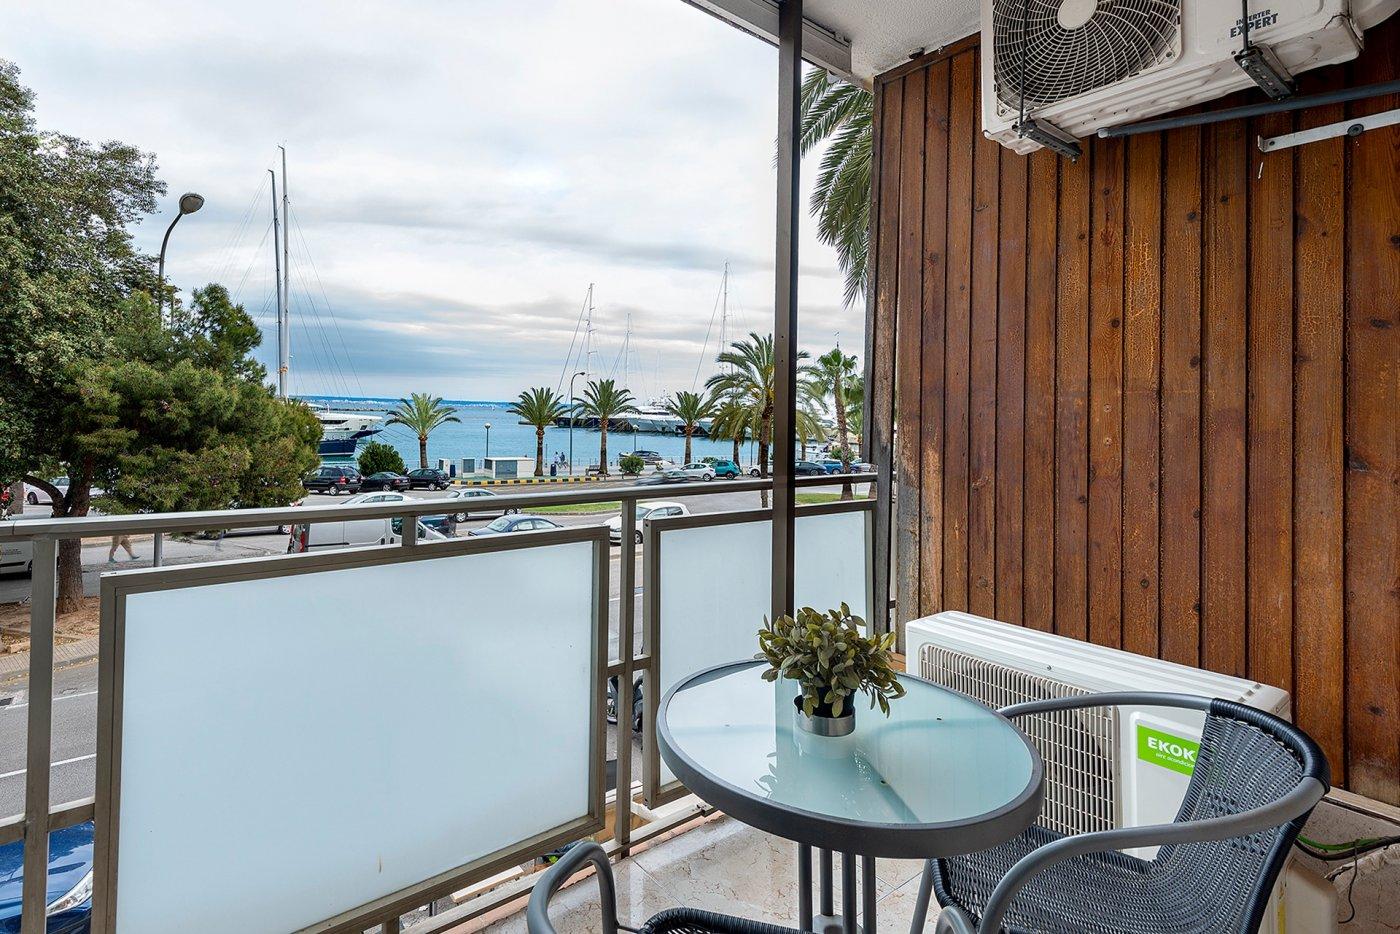 Apartamento con vistas al mar en paseo marítimo - imagenInmueble1